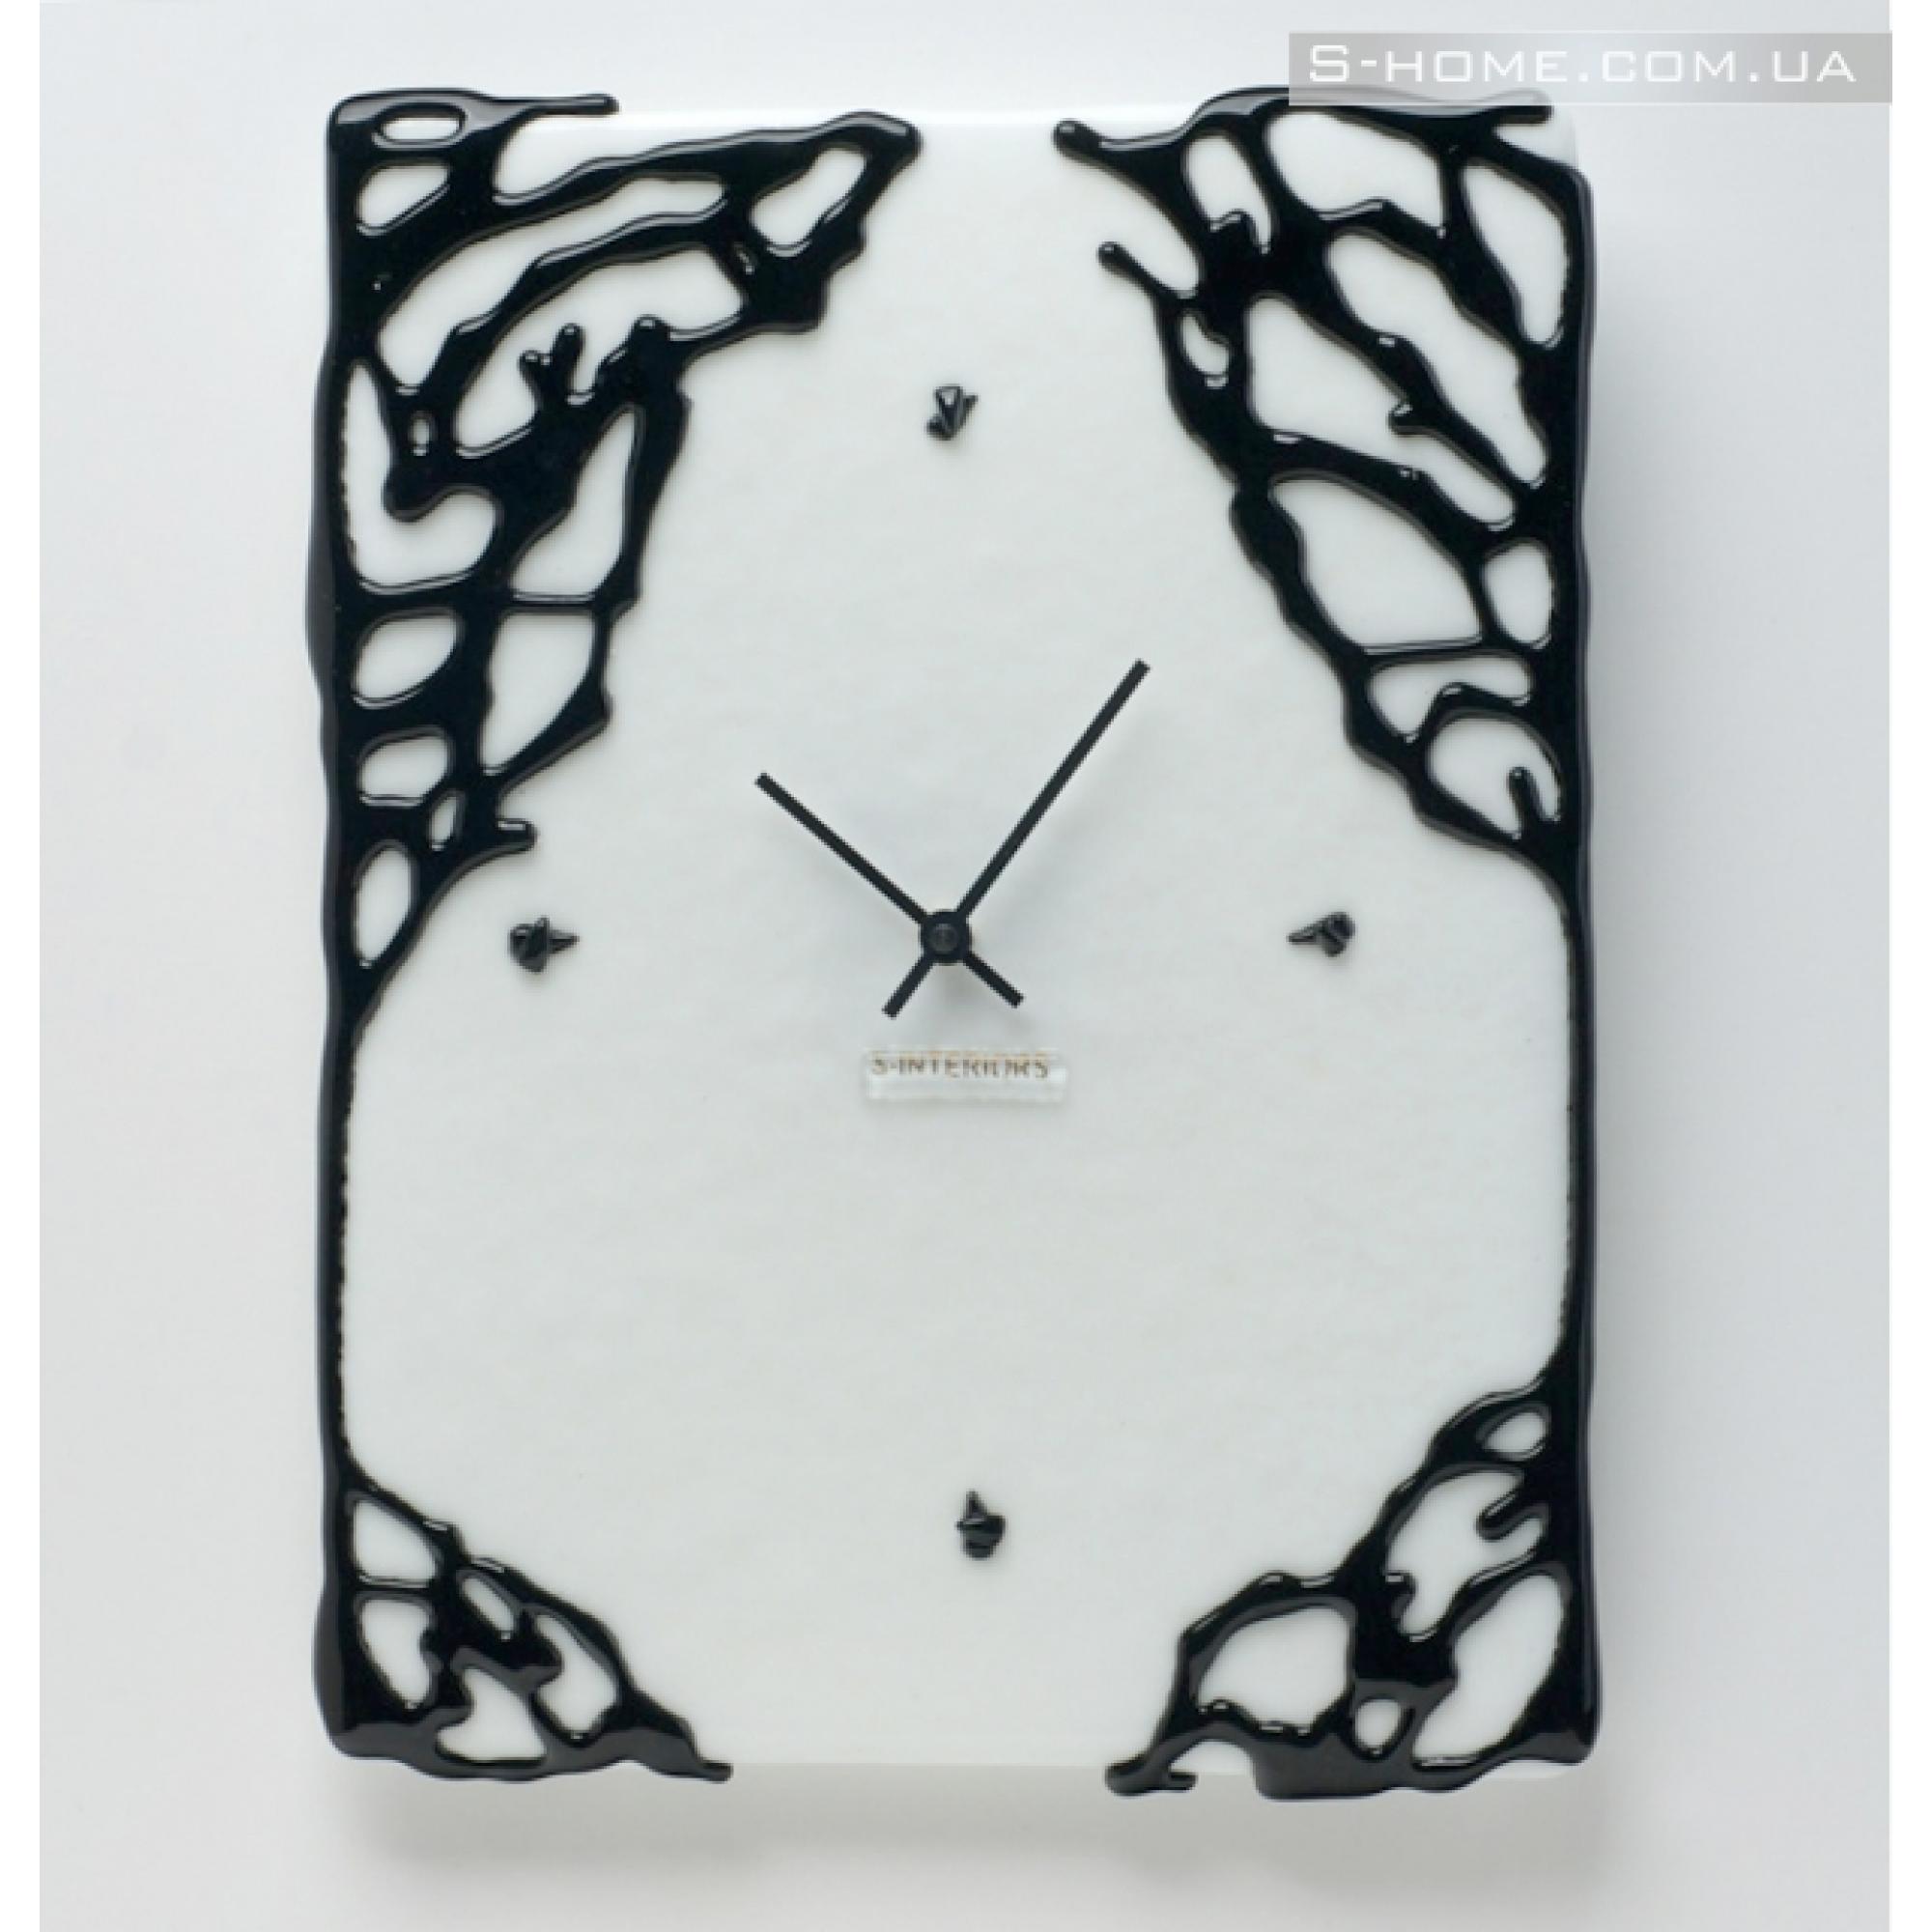 Настінний годинник фьюзинг S-Interiors Albero